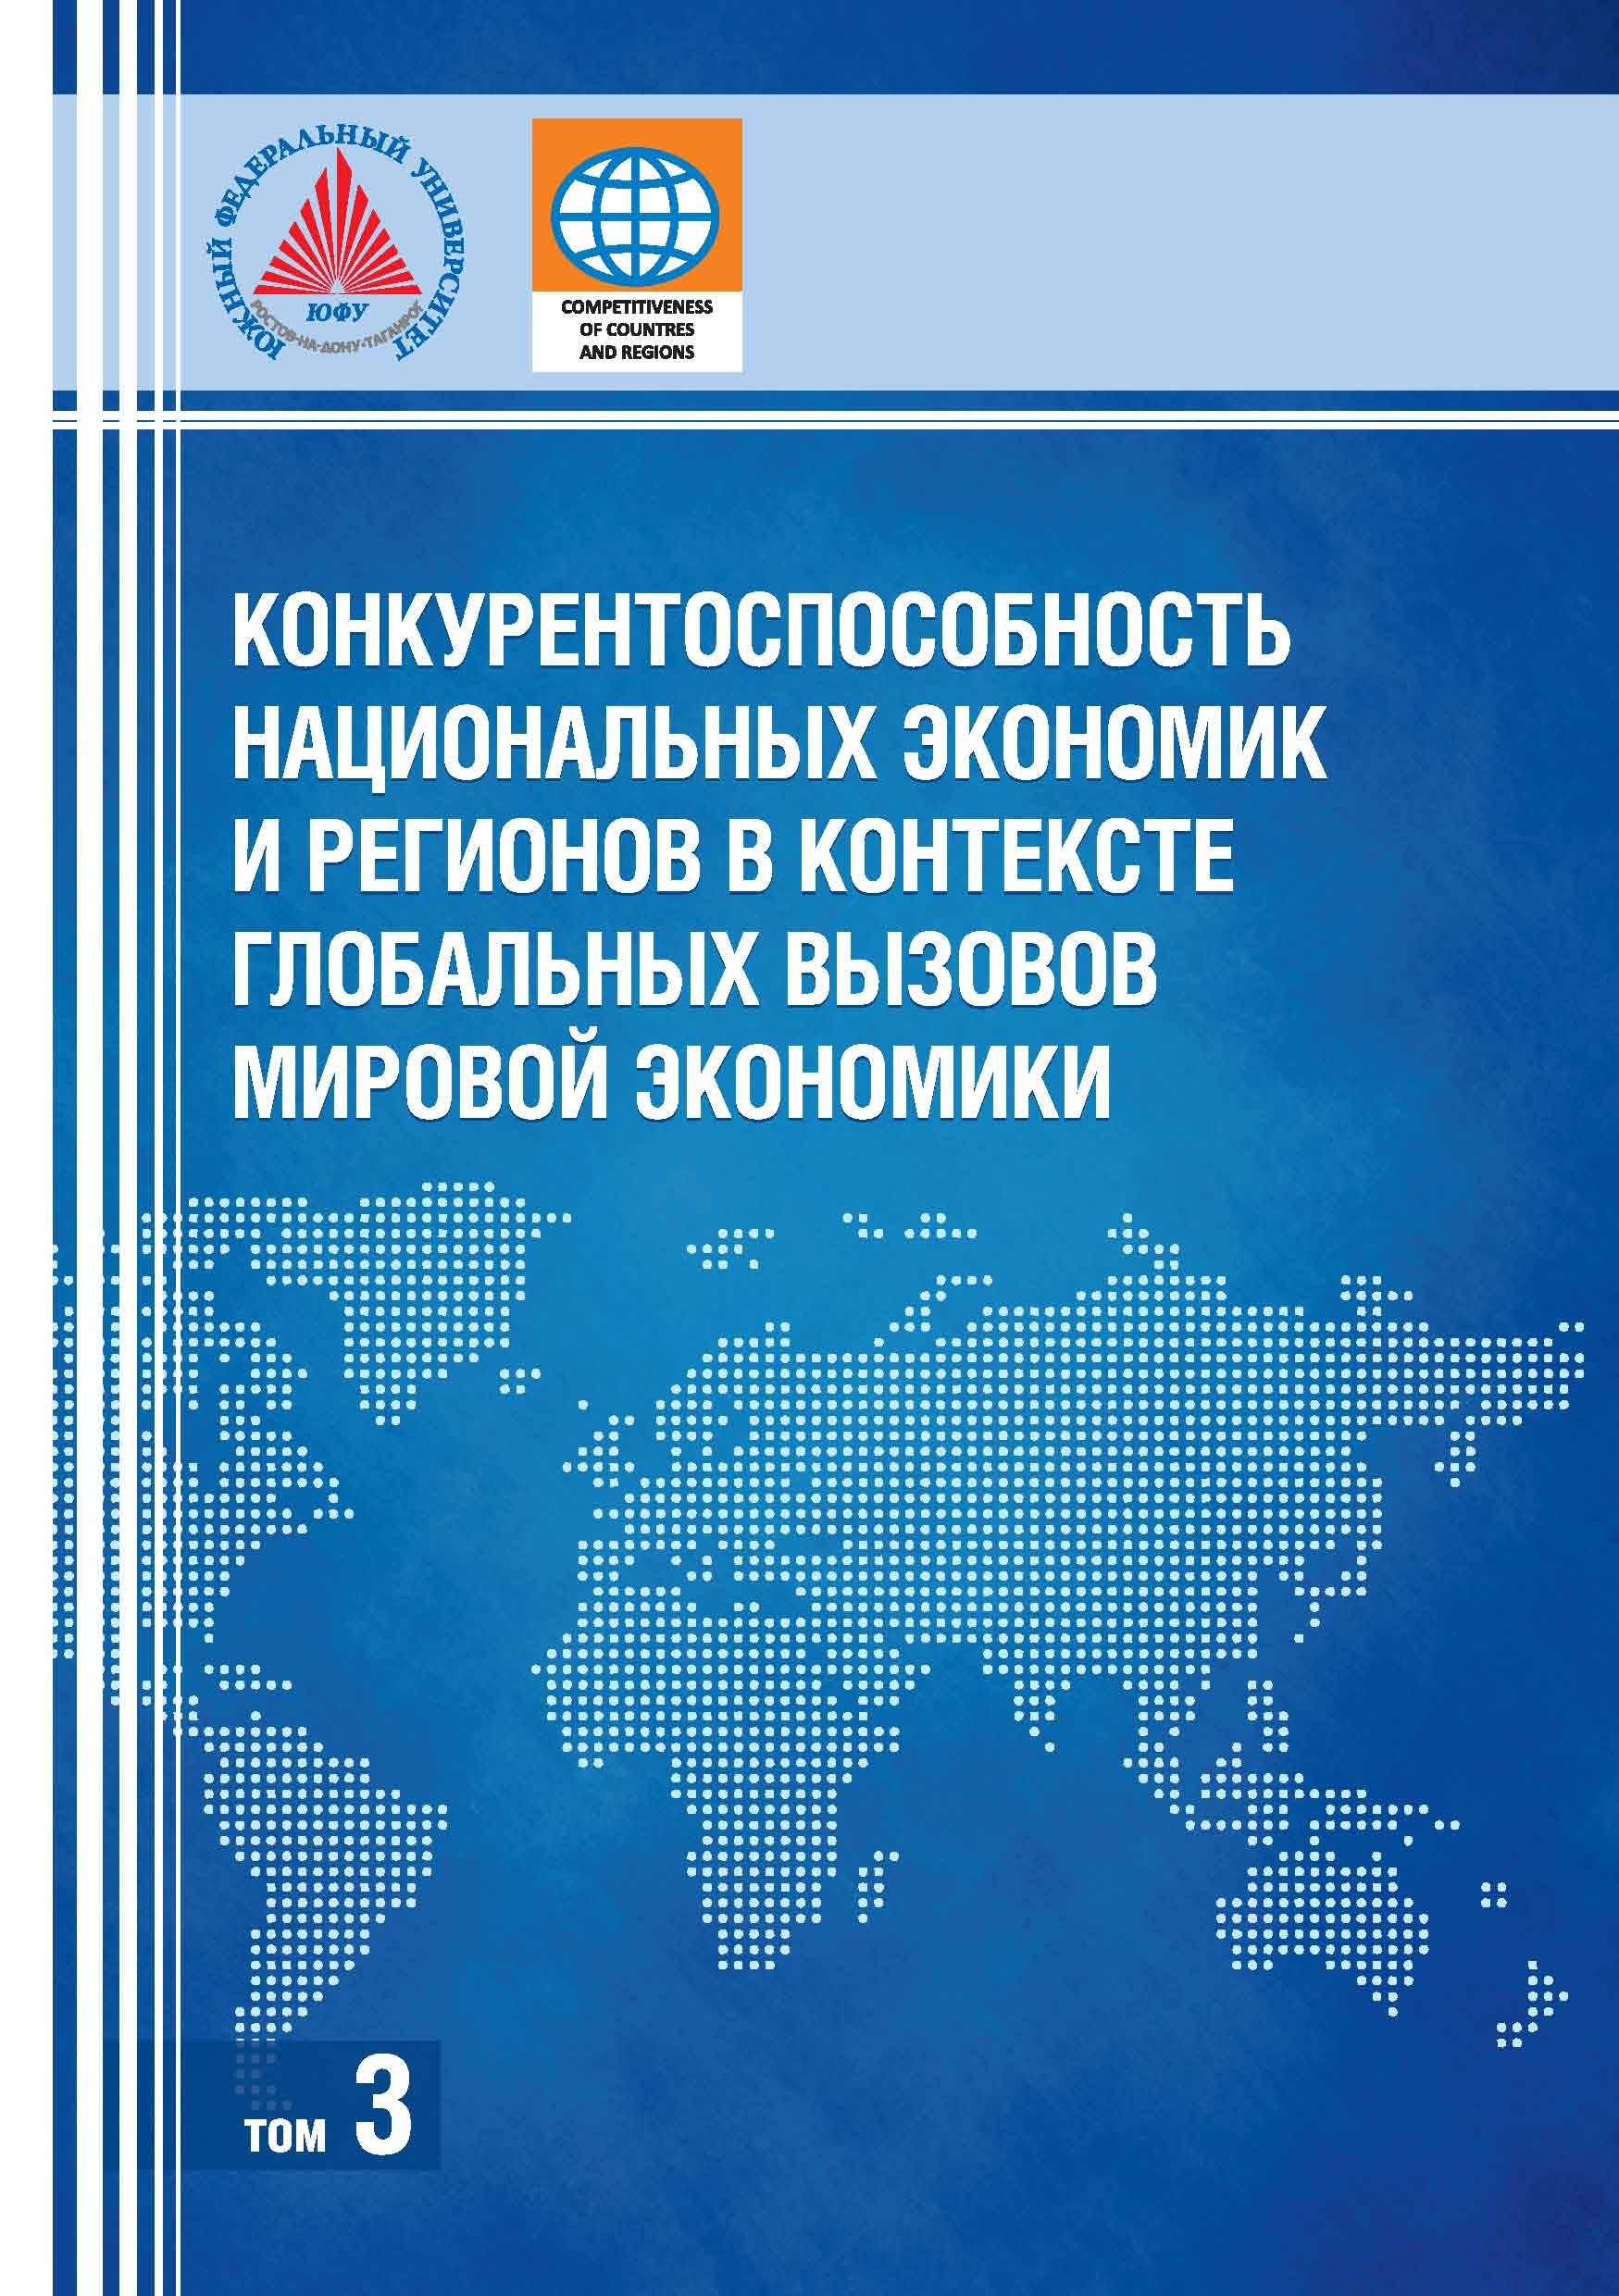 Коллектив авторов Конкурентоспособность национальных экономик и регионов в контексте глобальных вызовов мировой экономики. Том 3 коллектив авторов экологические проблемы горнопромышленных регионов